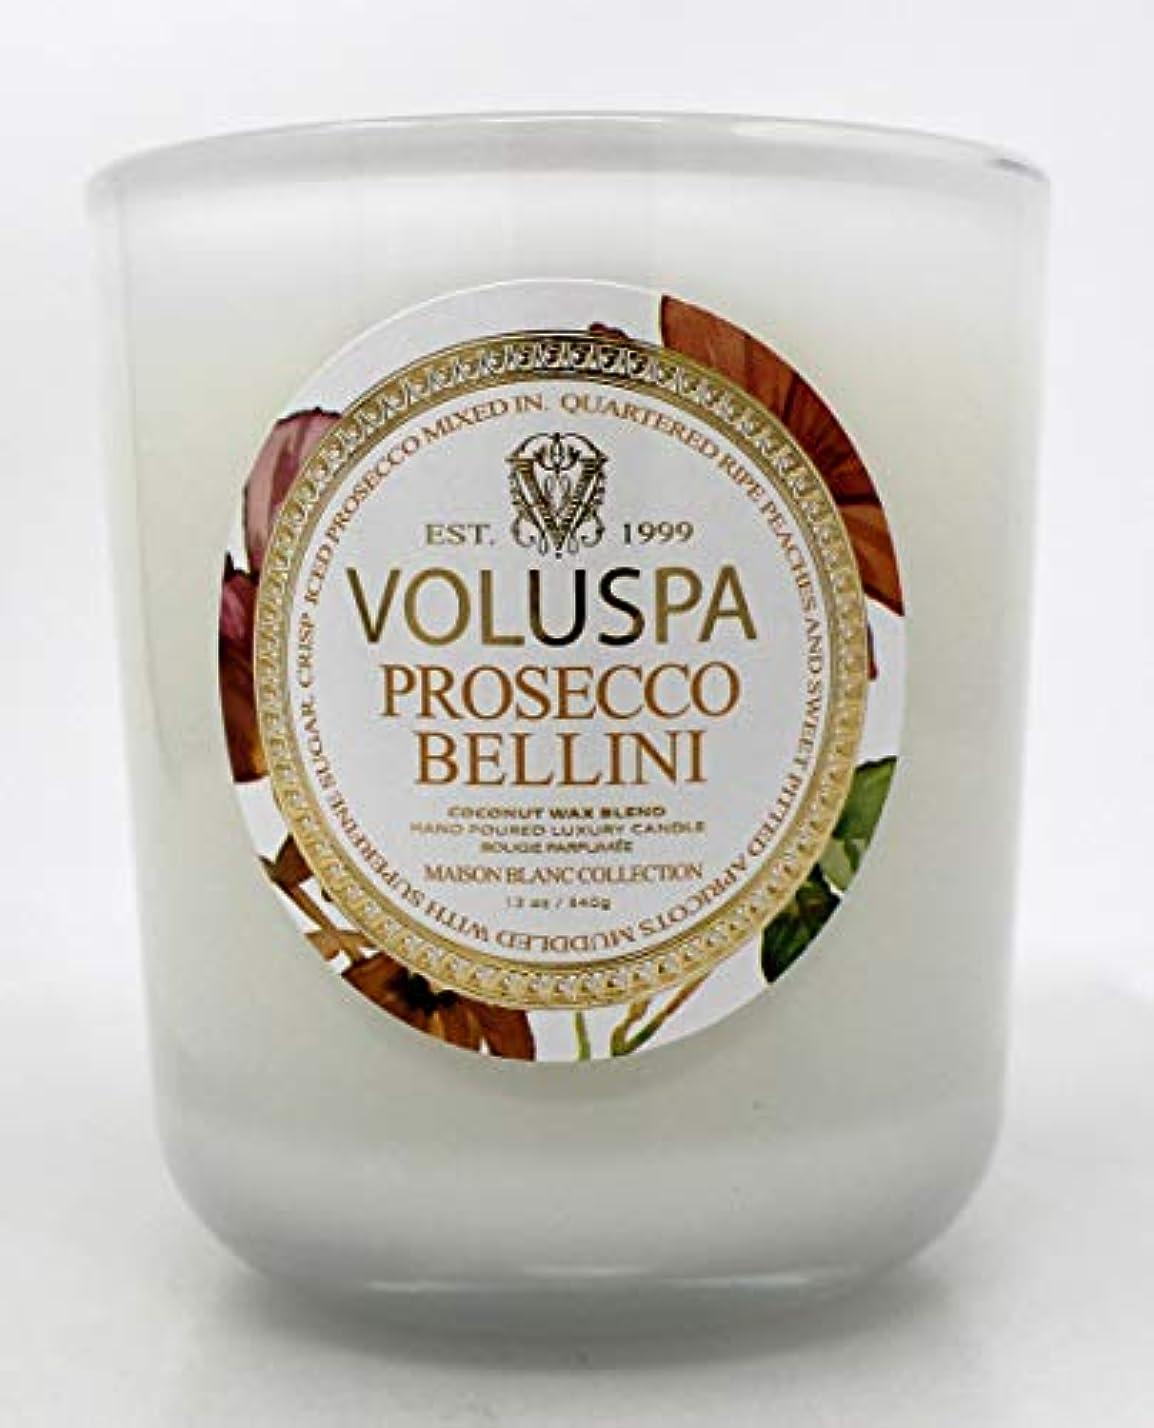 きらきらレギュラーワンダーVOLUSPA メゾンブラン ボックスイリグラスキャンドル Prosecco Bellini プロセッコベッリーニ MAISON BLANK GLASS CANDLE ボルスパ